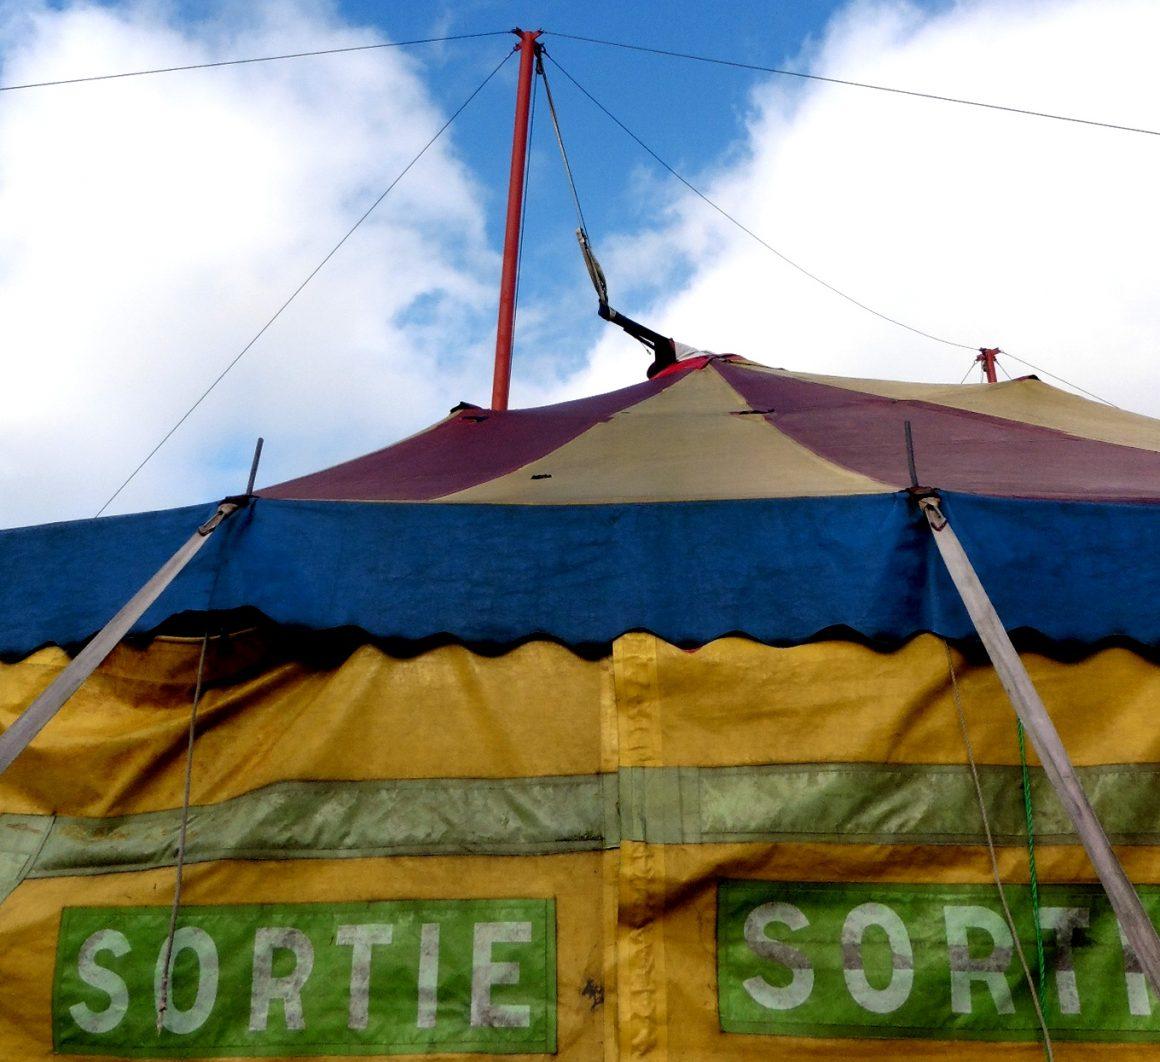 Qu'est-ce que c'est que ce cirque?